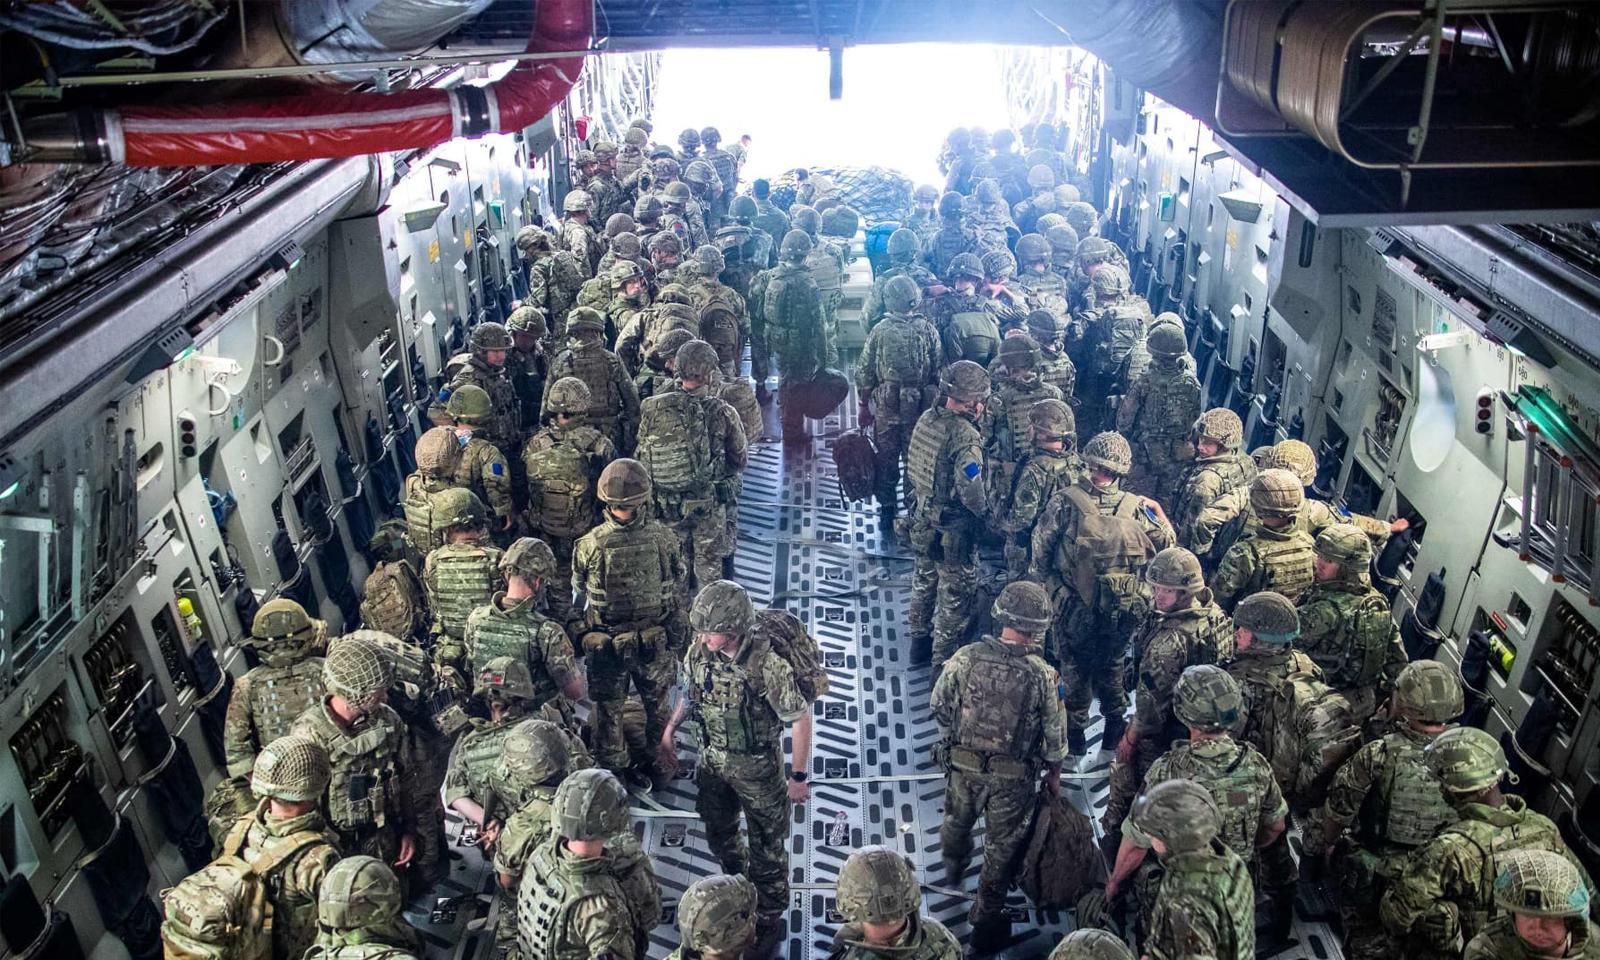 انخلا کرجانے والی برطانوی فوج کے اہلکار شہریوں کو نکالنے کیلئے دوبارہ کابل پہنچے — فوٹو:اے ایف پی